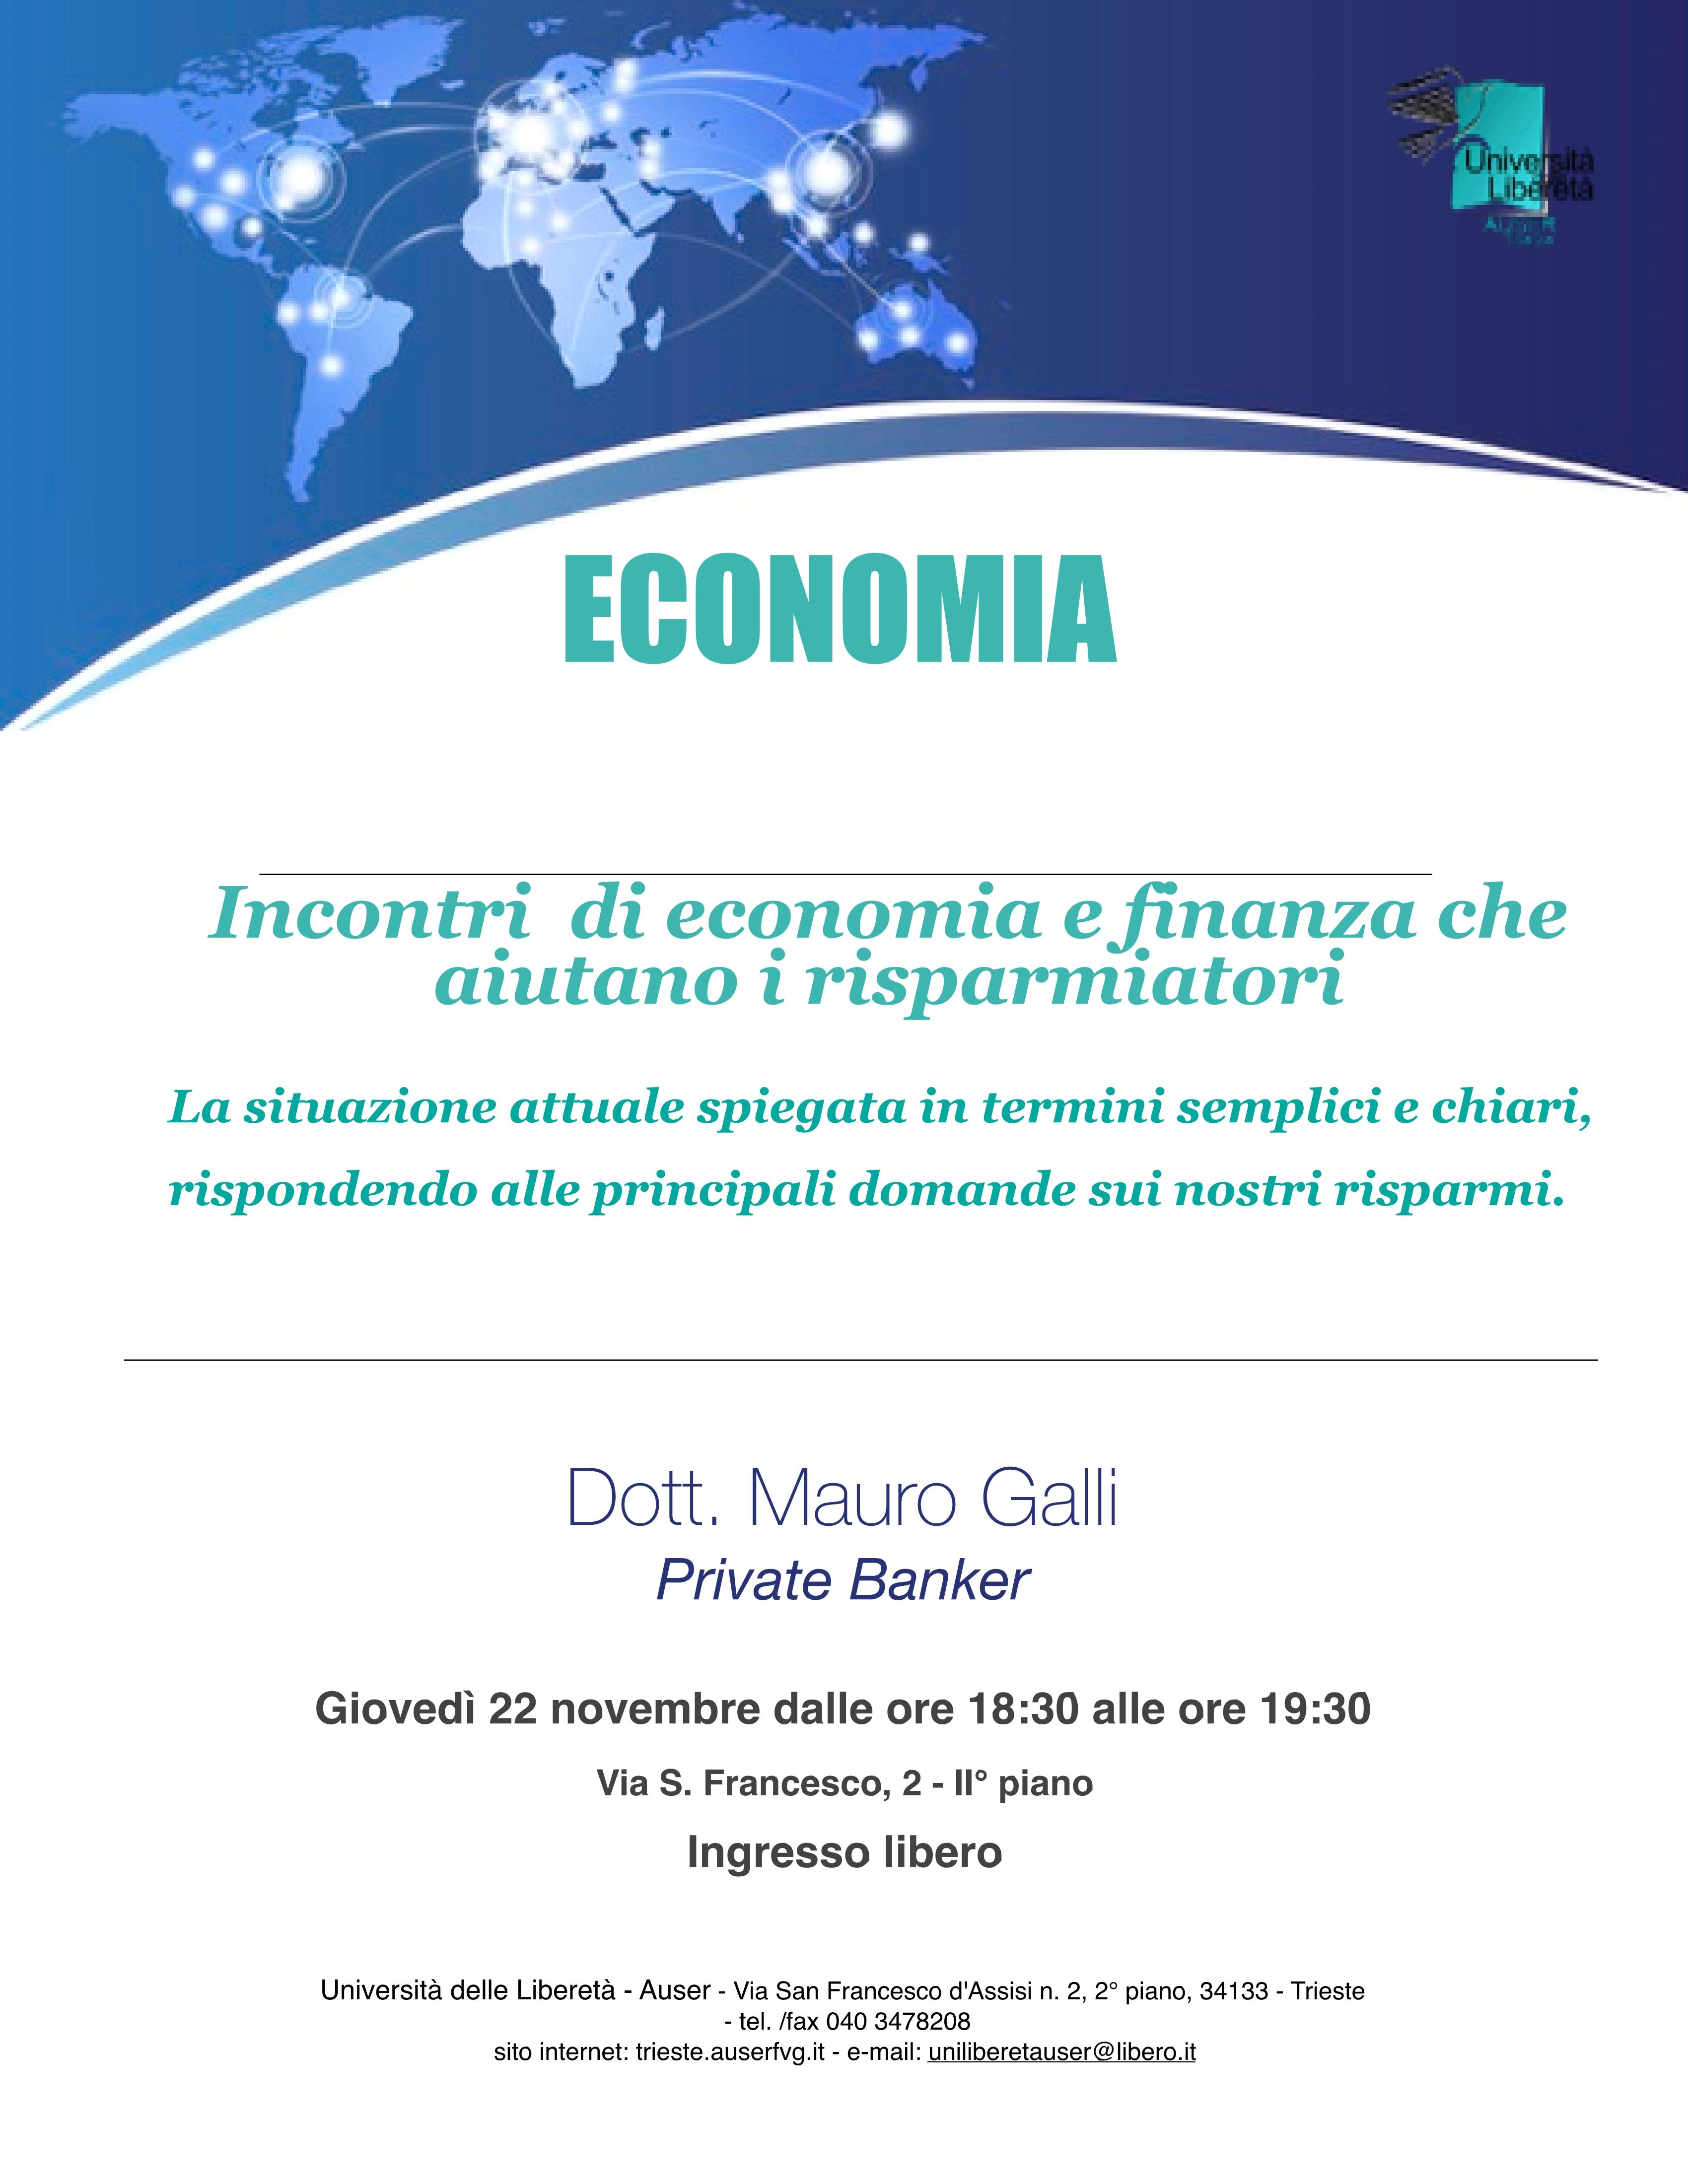 Economia e finanza 22 novembre 20181